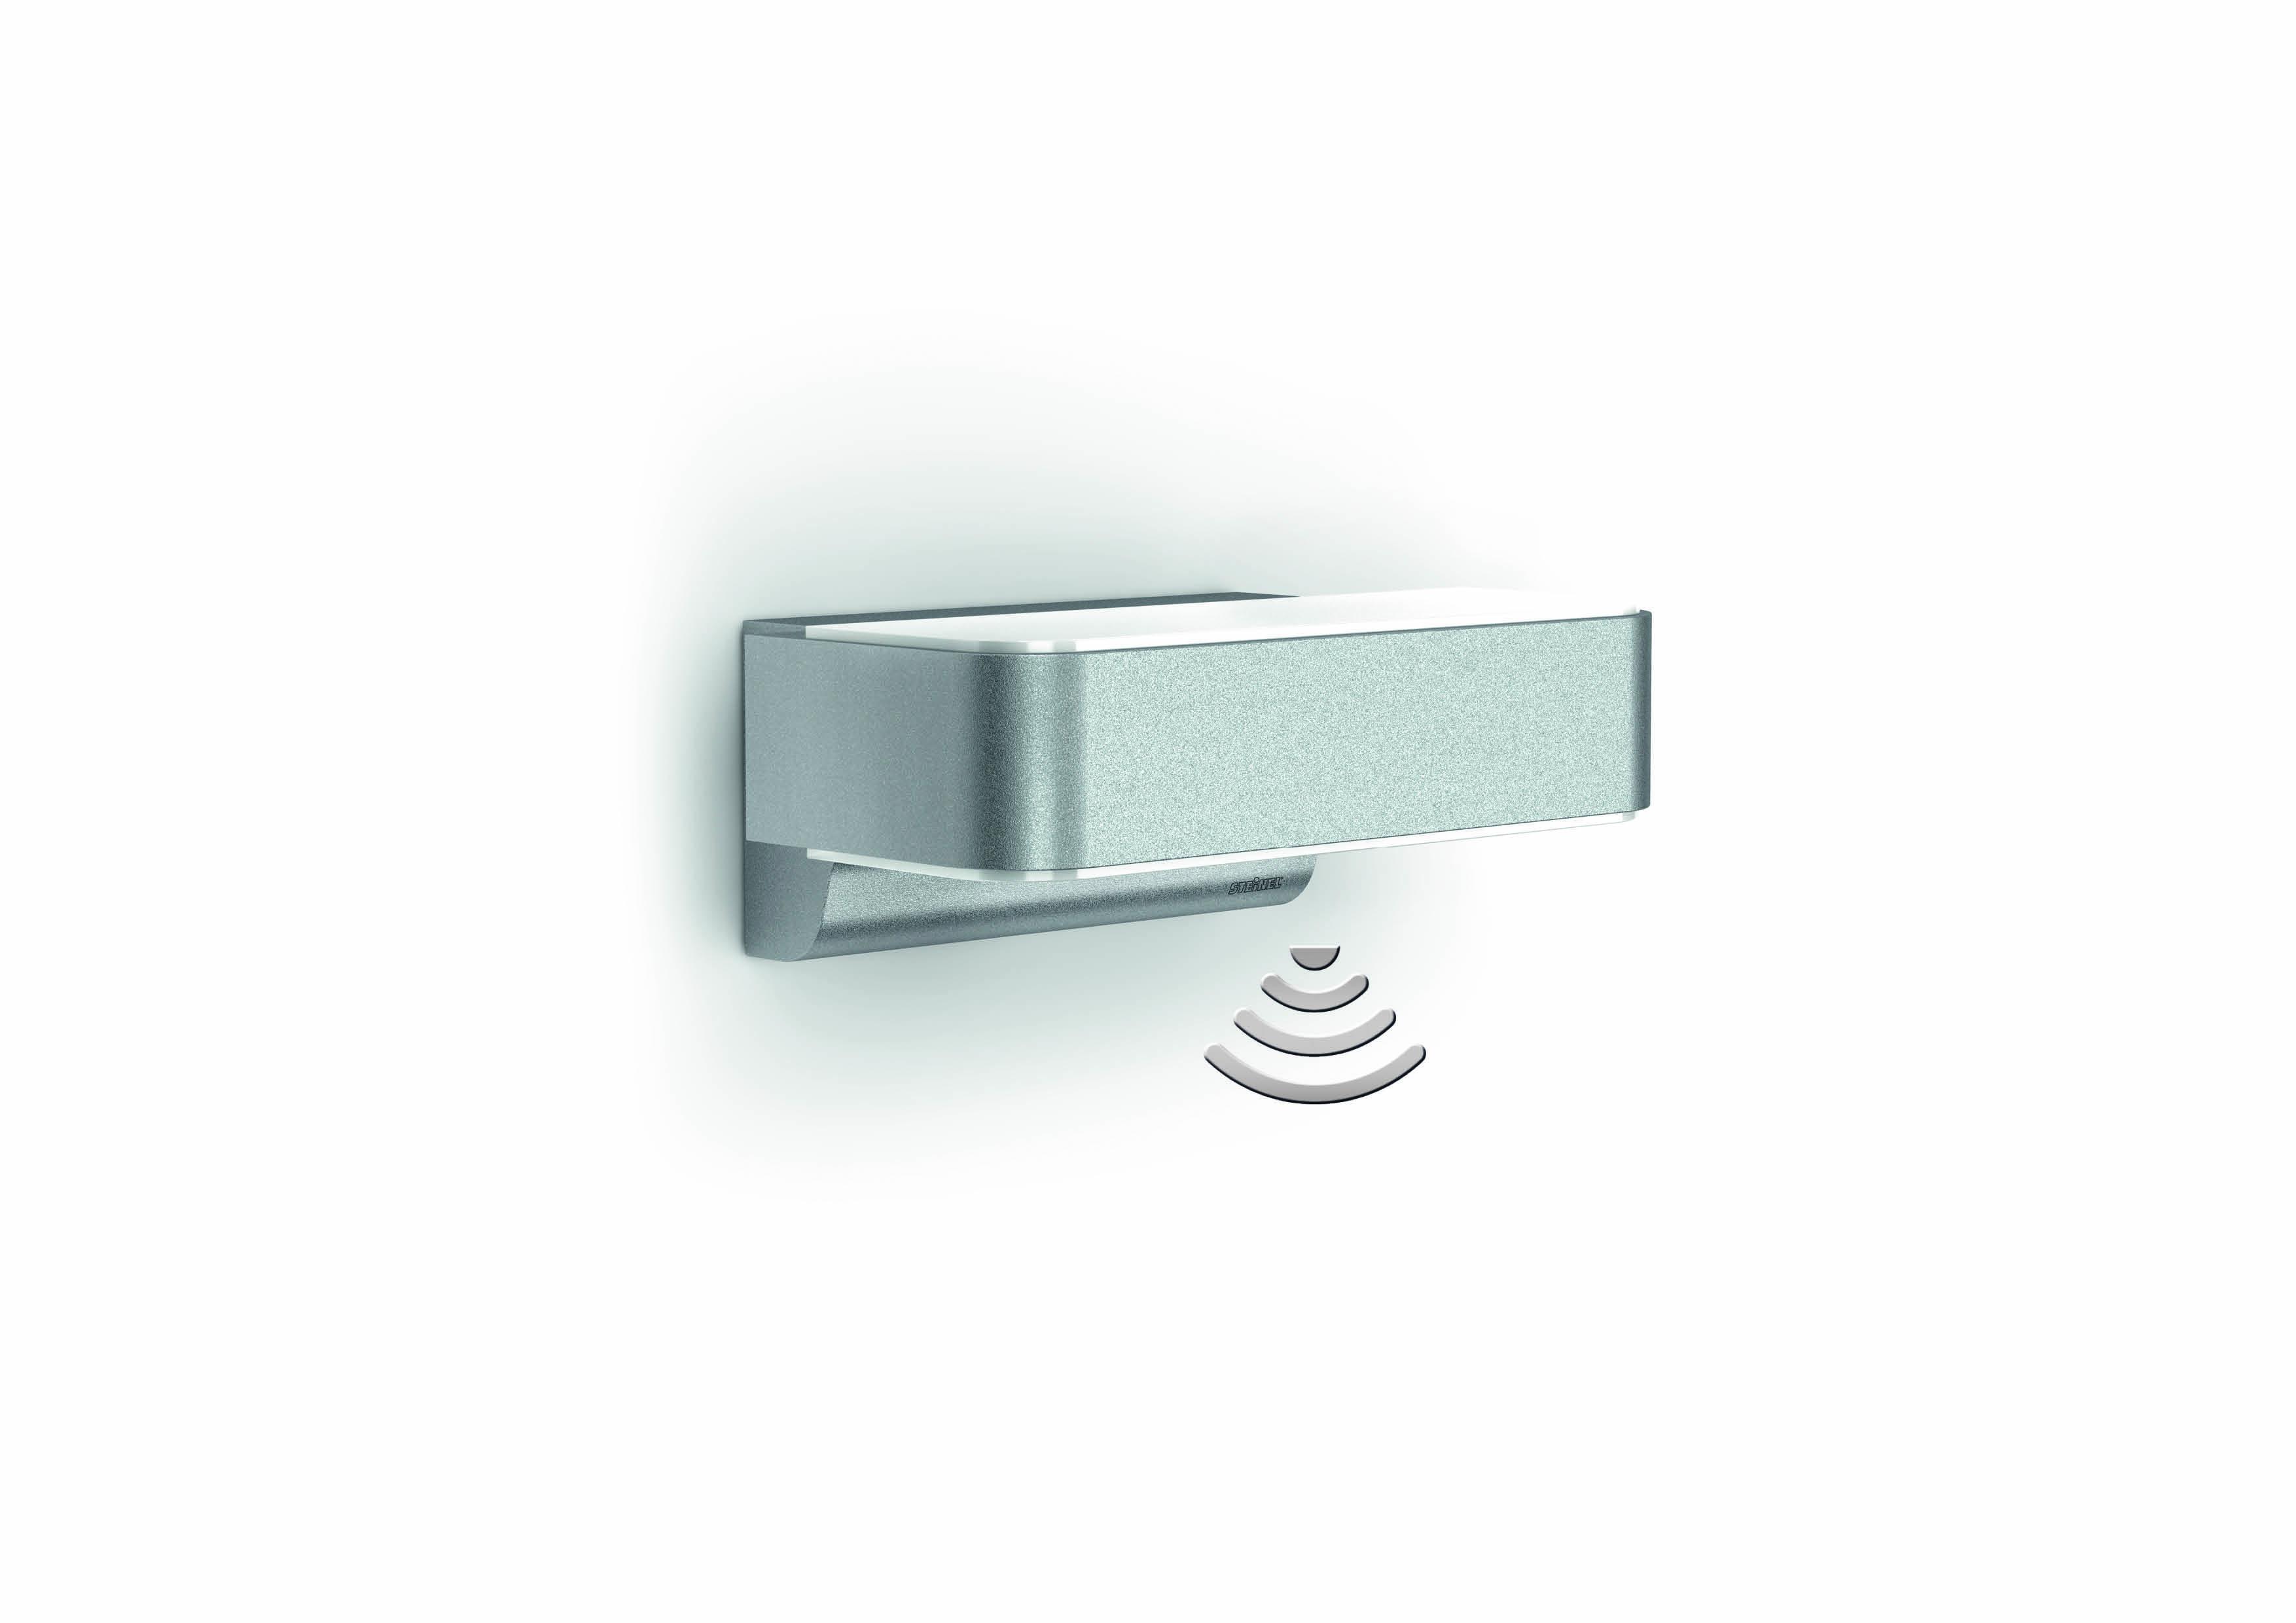 led sensor au enleuchte l810 ihf toom baumarkt. Black Bedroom Furniture Sets. Home Design Ideas